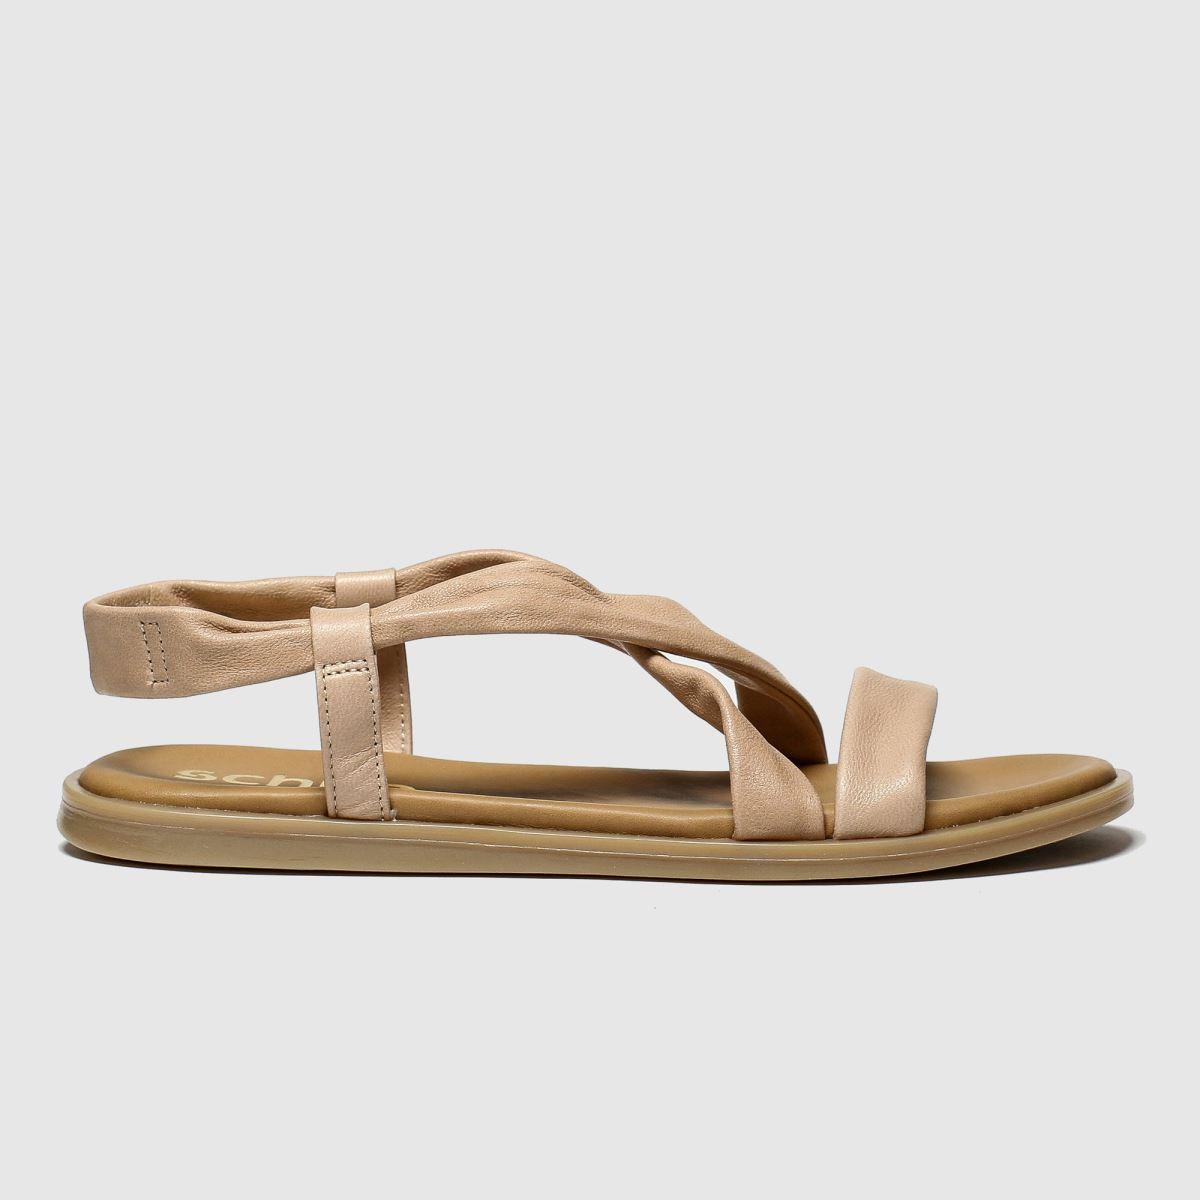 schuh Schuh Natural Cha Cha Sandals